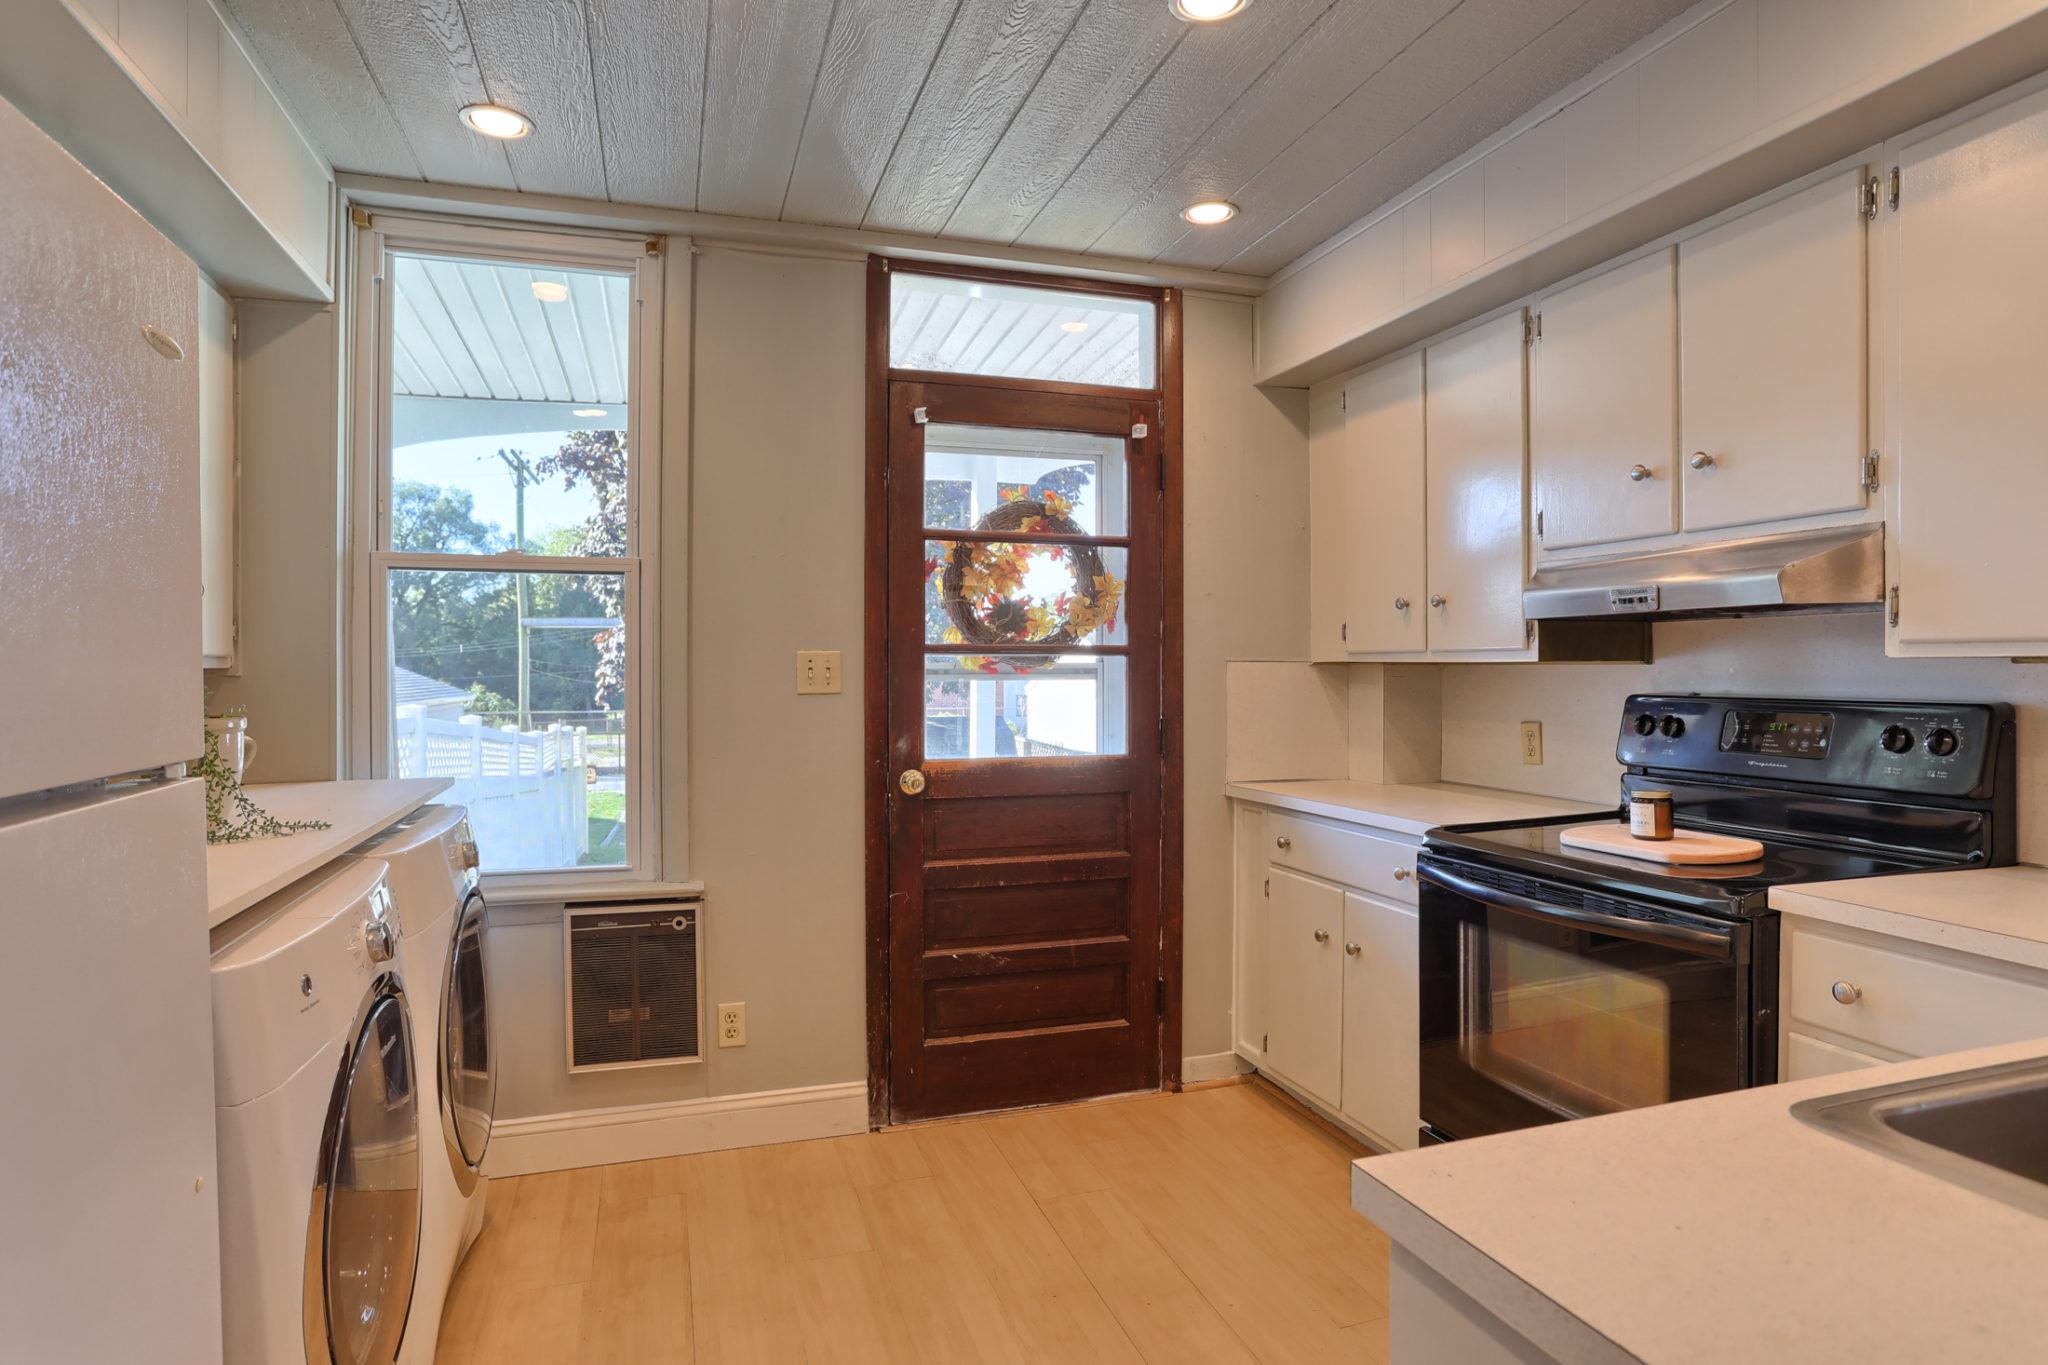 12 E. Maple Avenue - Kitchen/Dining Area 5